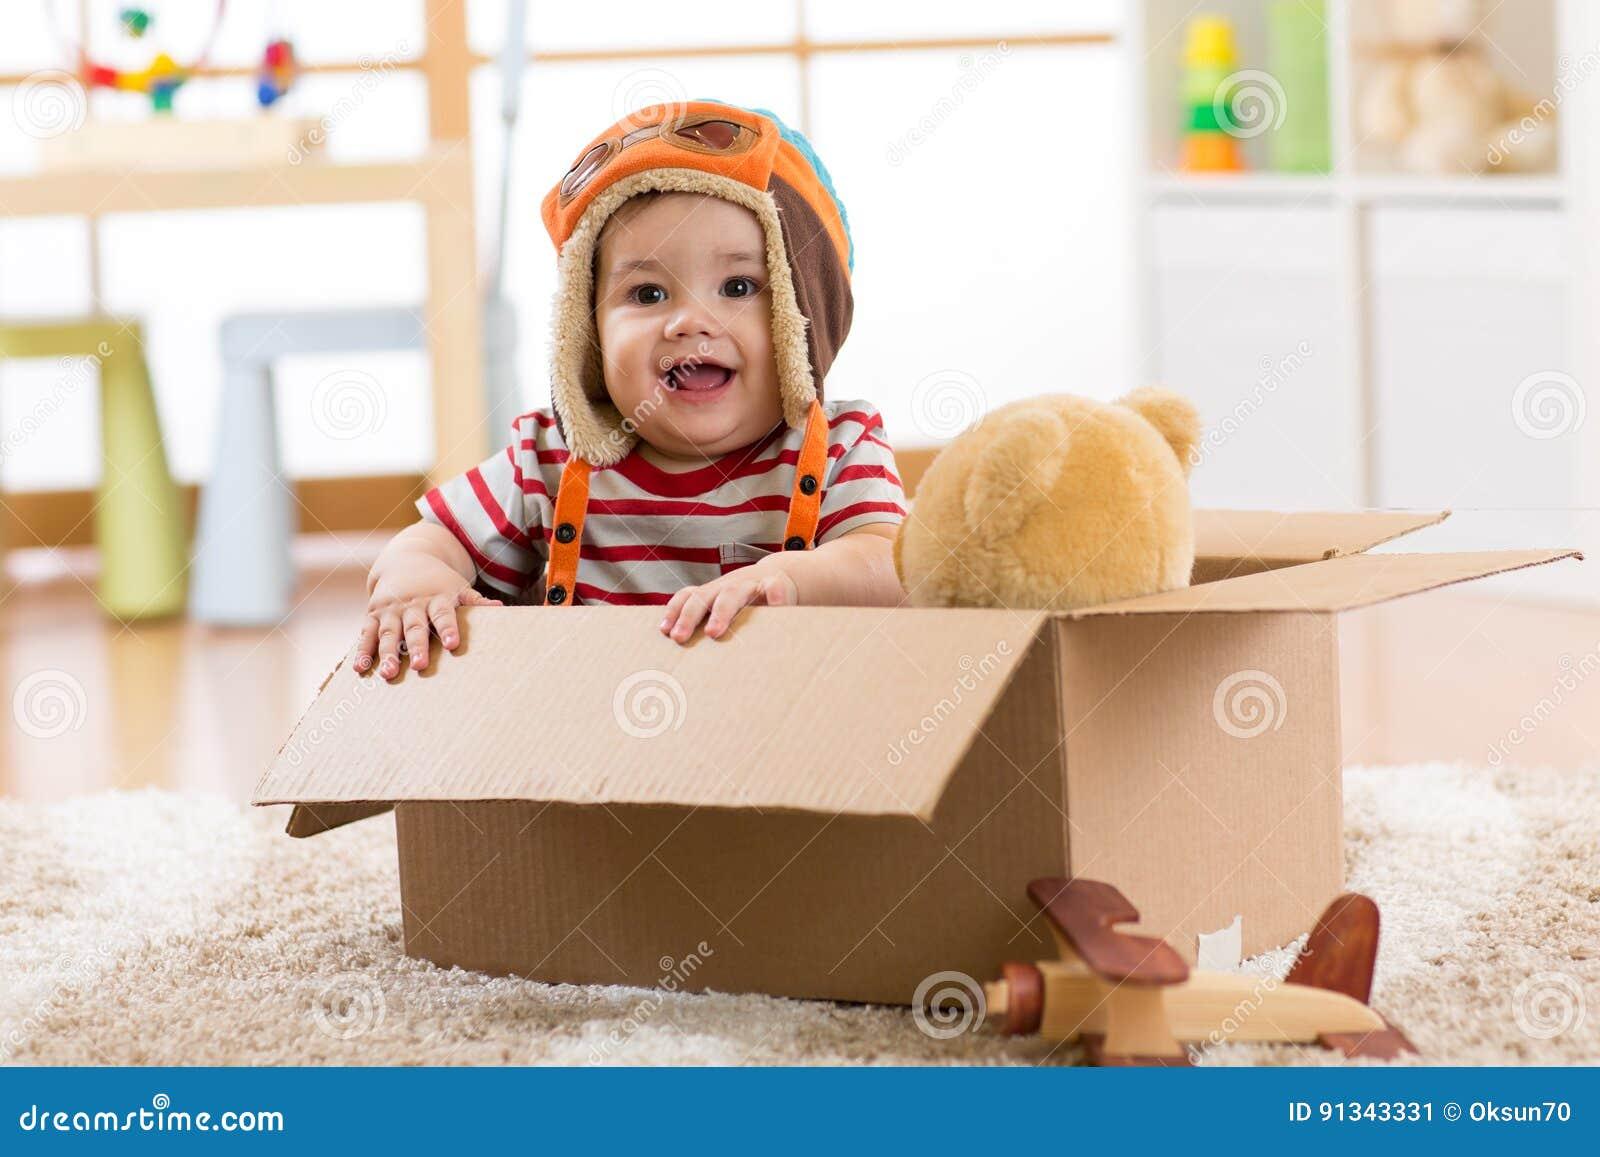 Χαμογελώντας πειραματικό αγοράκι αεροπόρων με τα teddy παιχνίδια παιχνιδιών αρκούδων στο κουτί από χαρτόνι